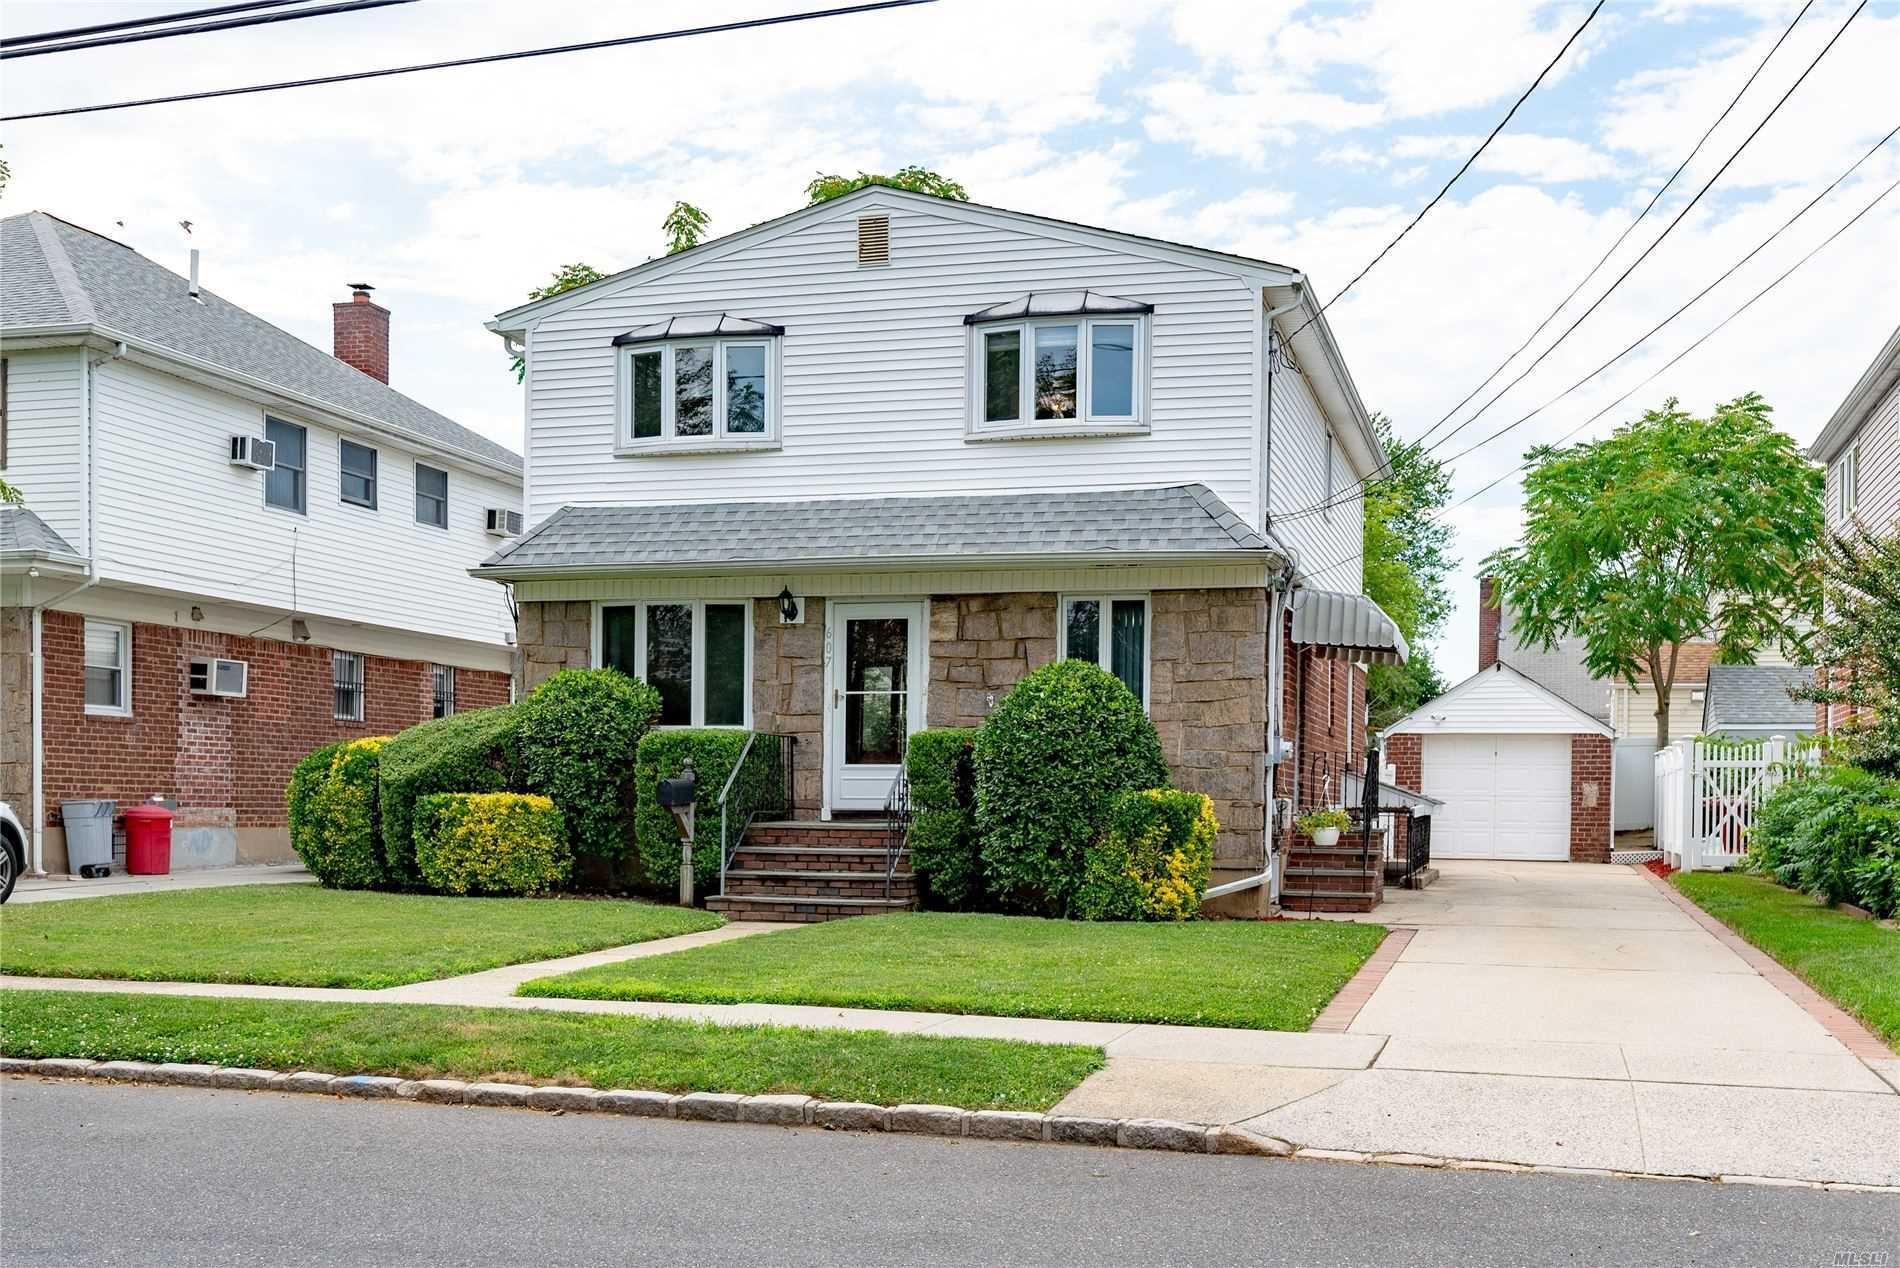 607 White Ave, New Hyde Park, NY 11040 - MLS#: 3230272